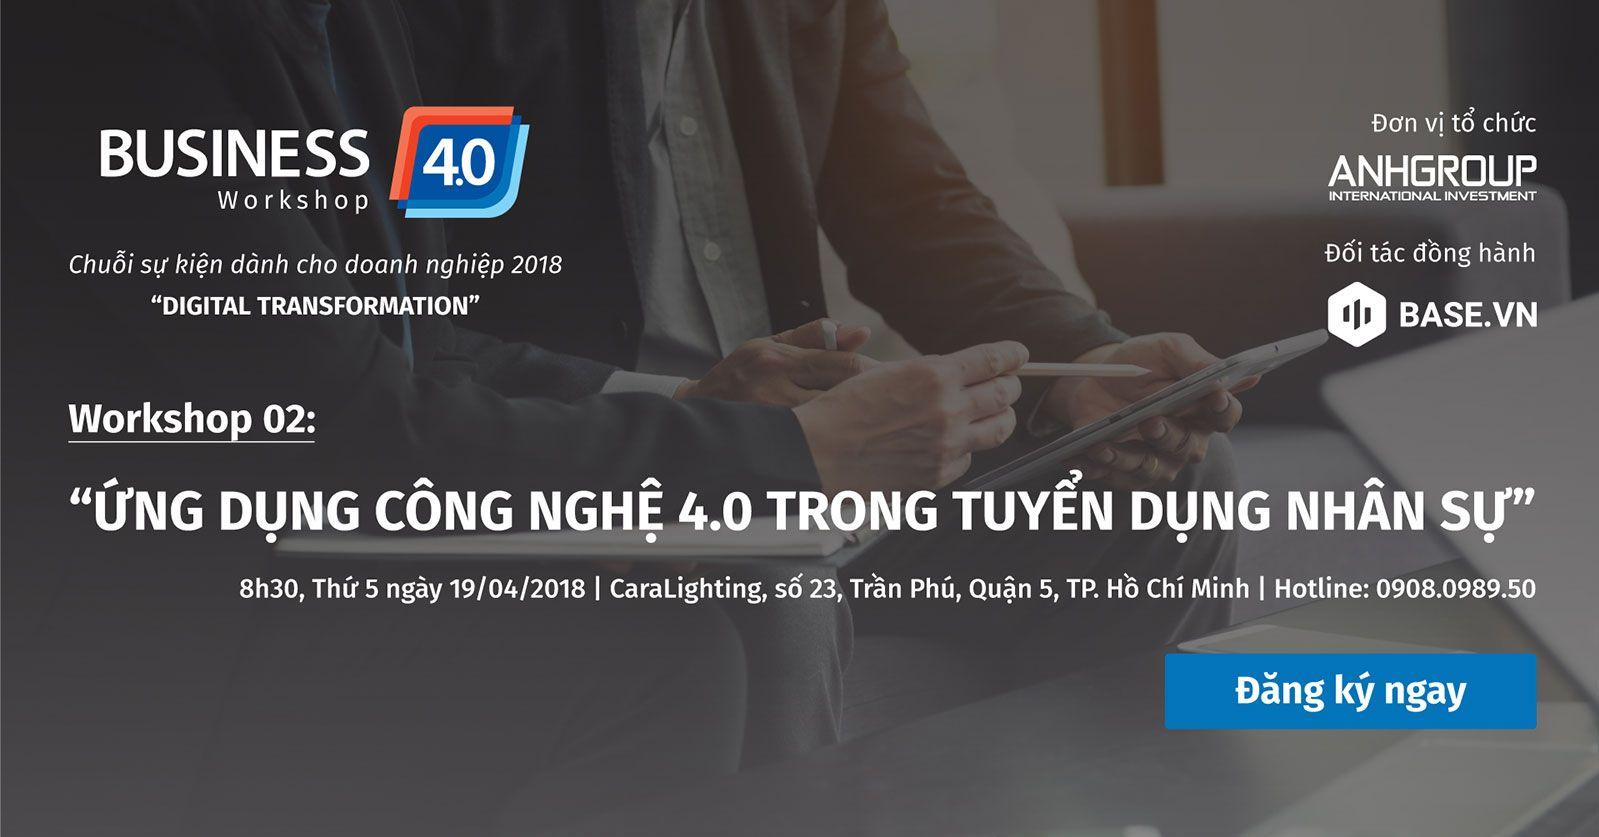 Tổng kết sự kiện: Ứng dụng công nghệ 4.0 trong tuyển dụng nhân sự